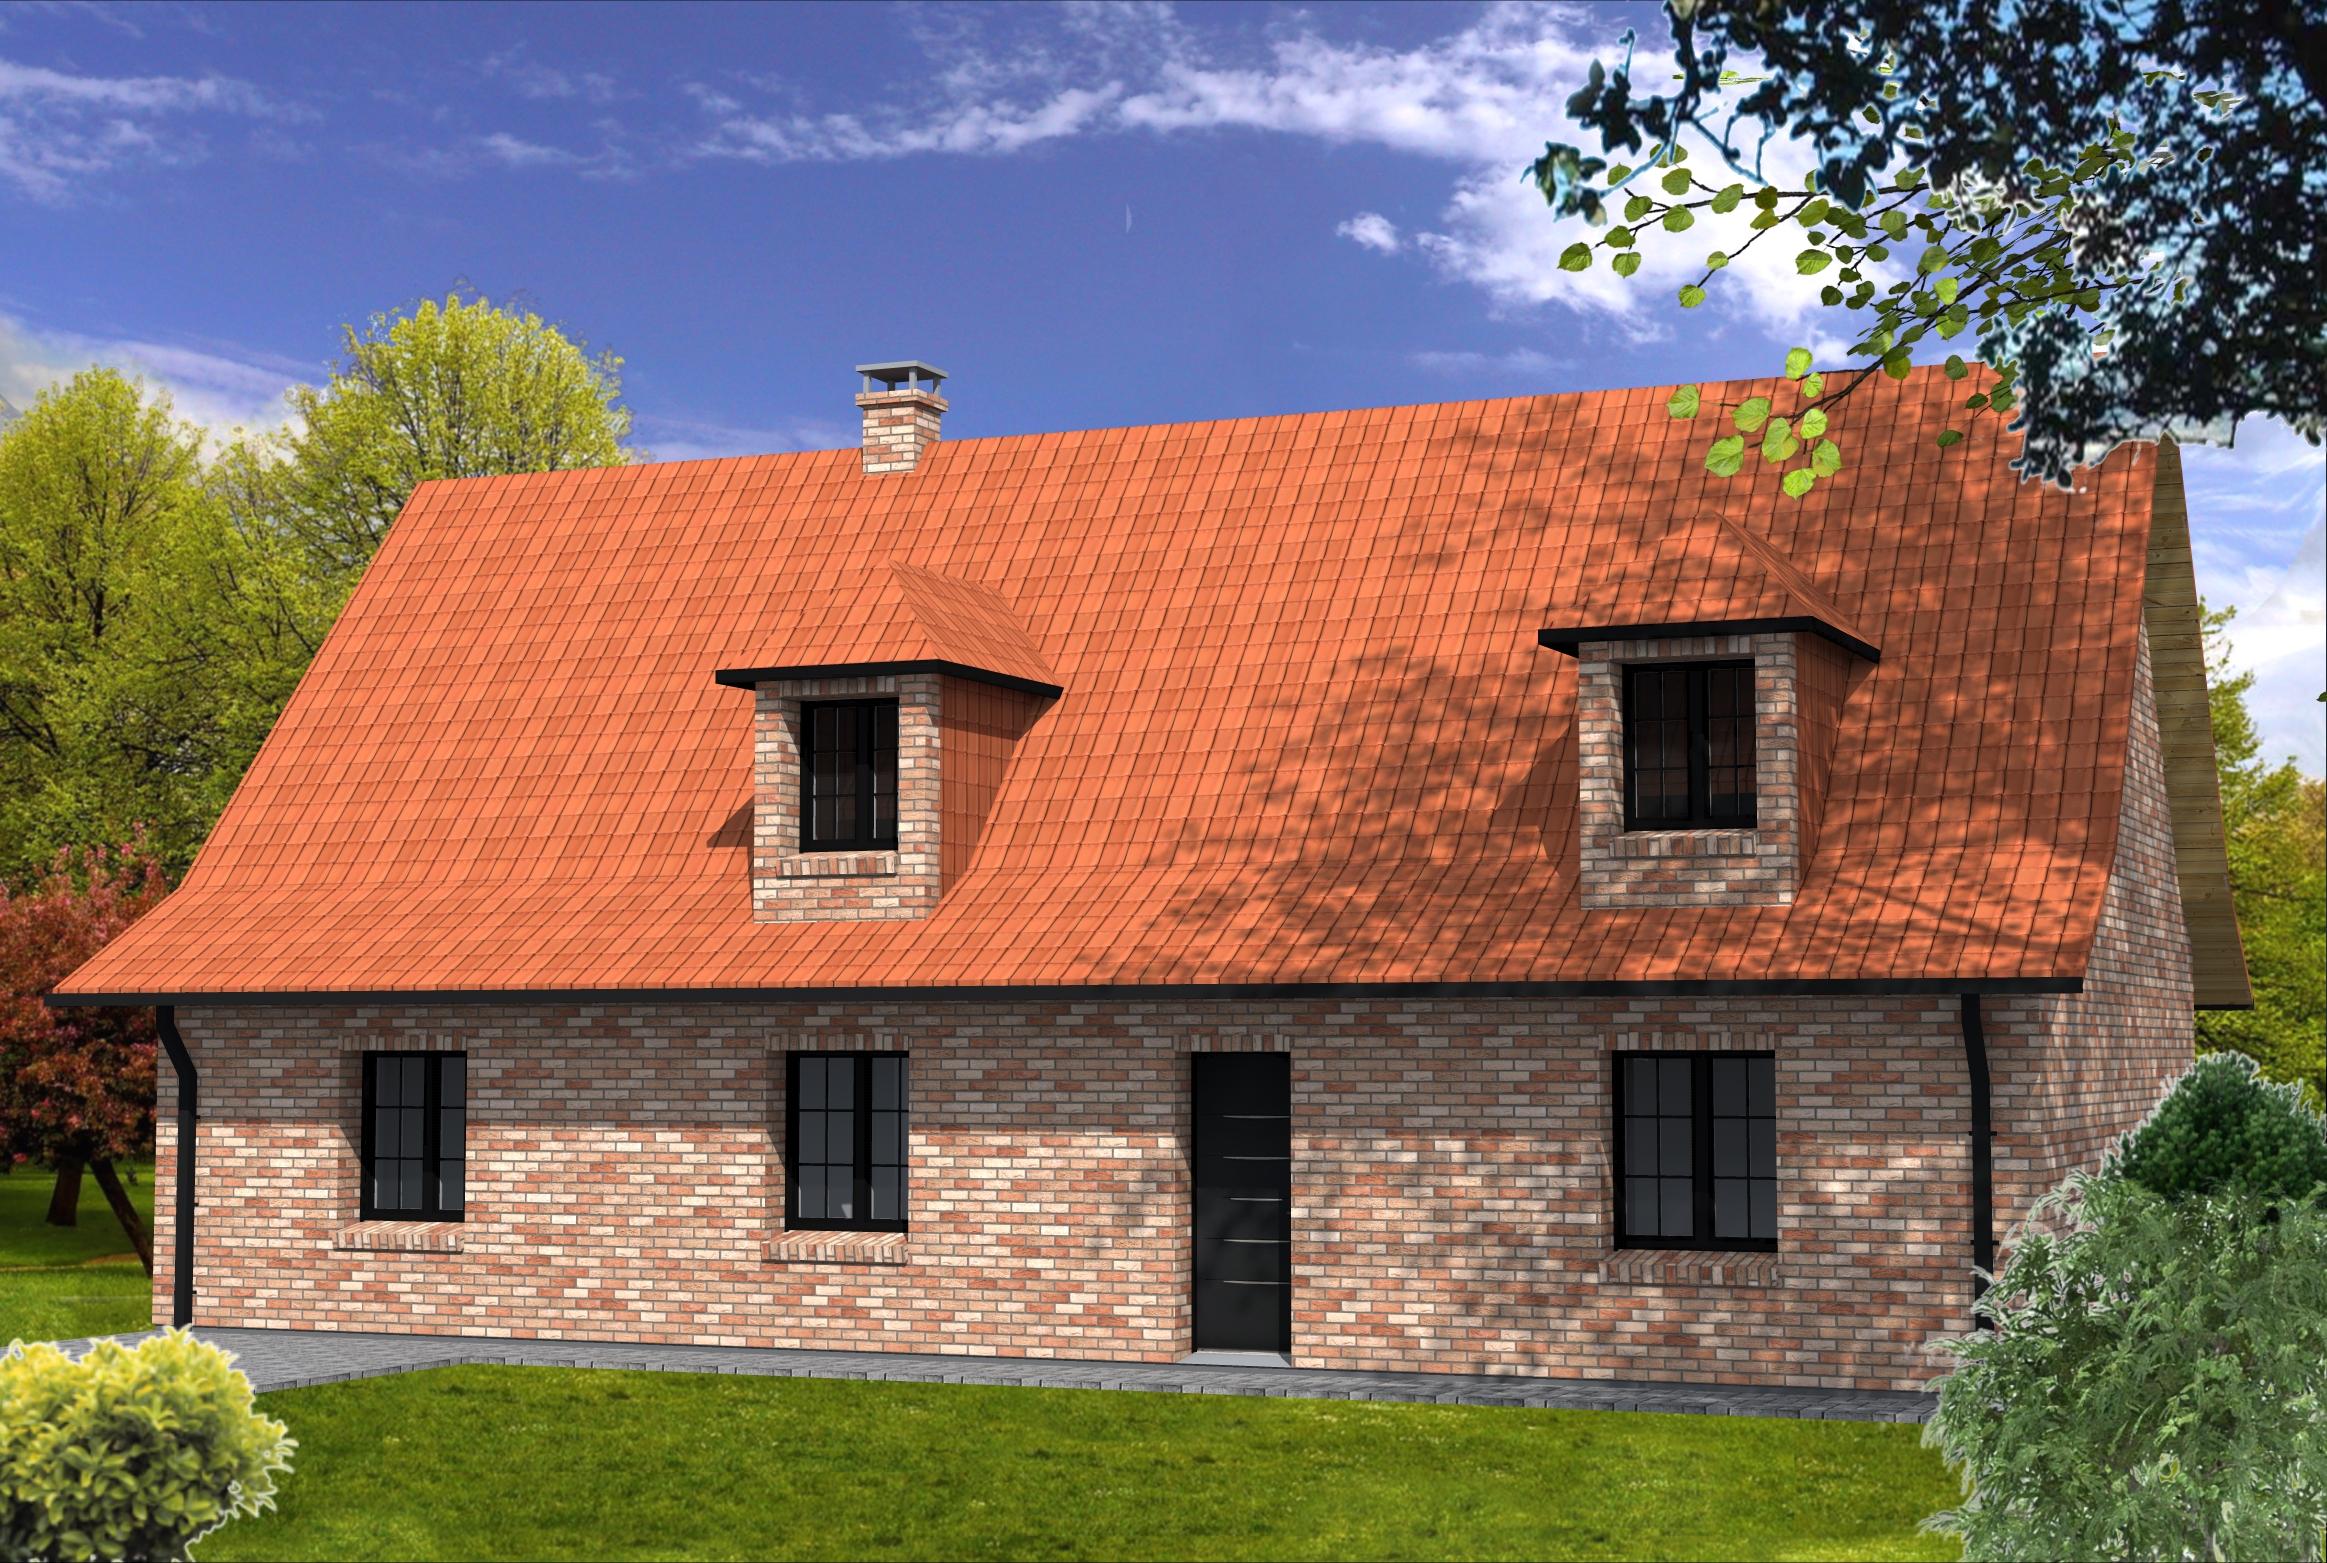 maison en brique rouge simple petite maison depuis brique. Black Bedroom Furniture Sets. Home Design Ideas